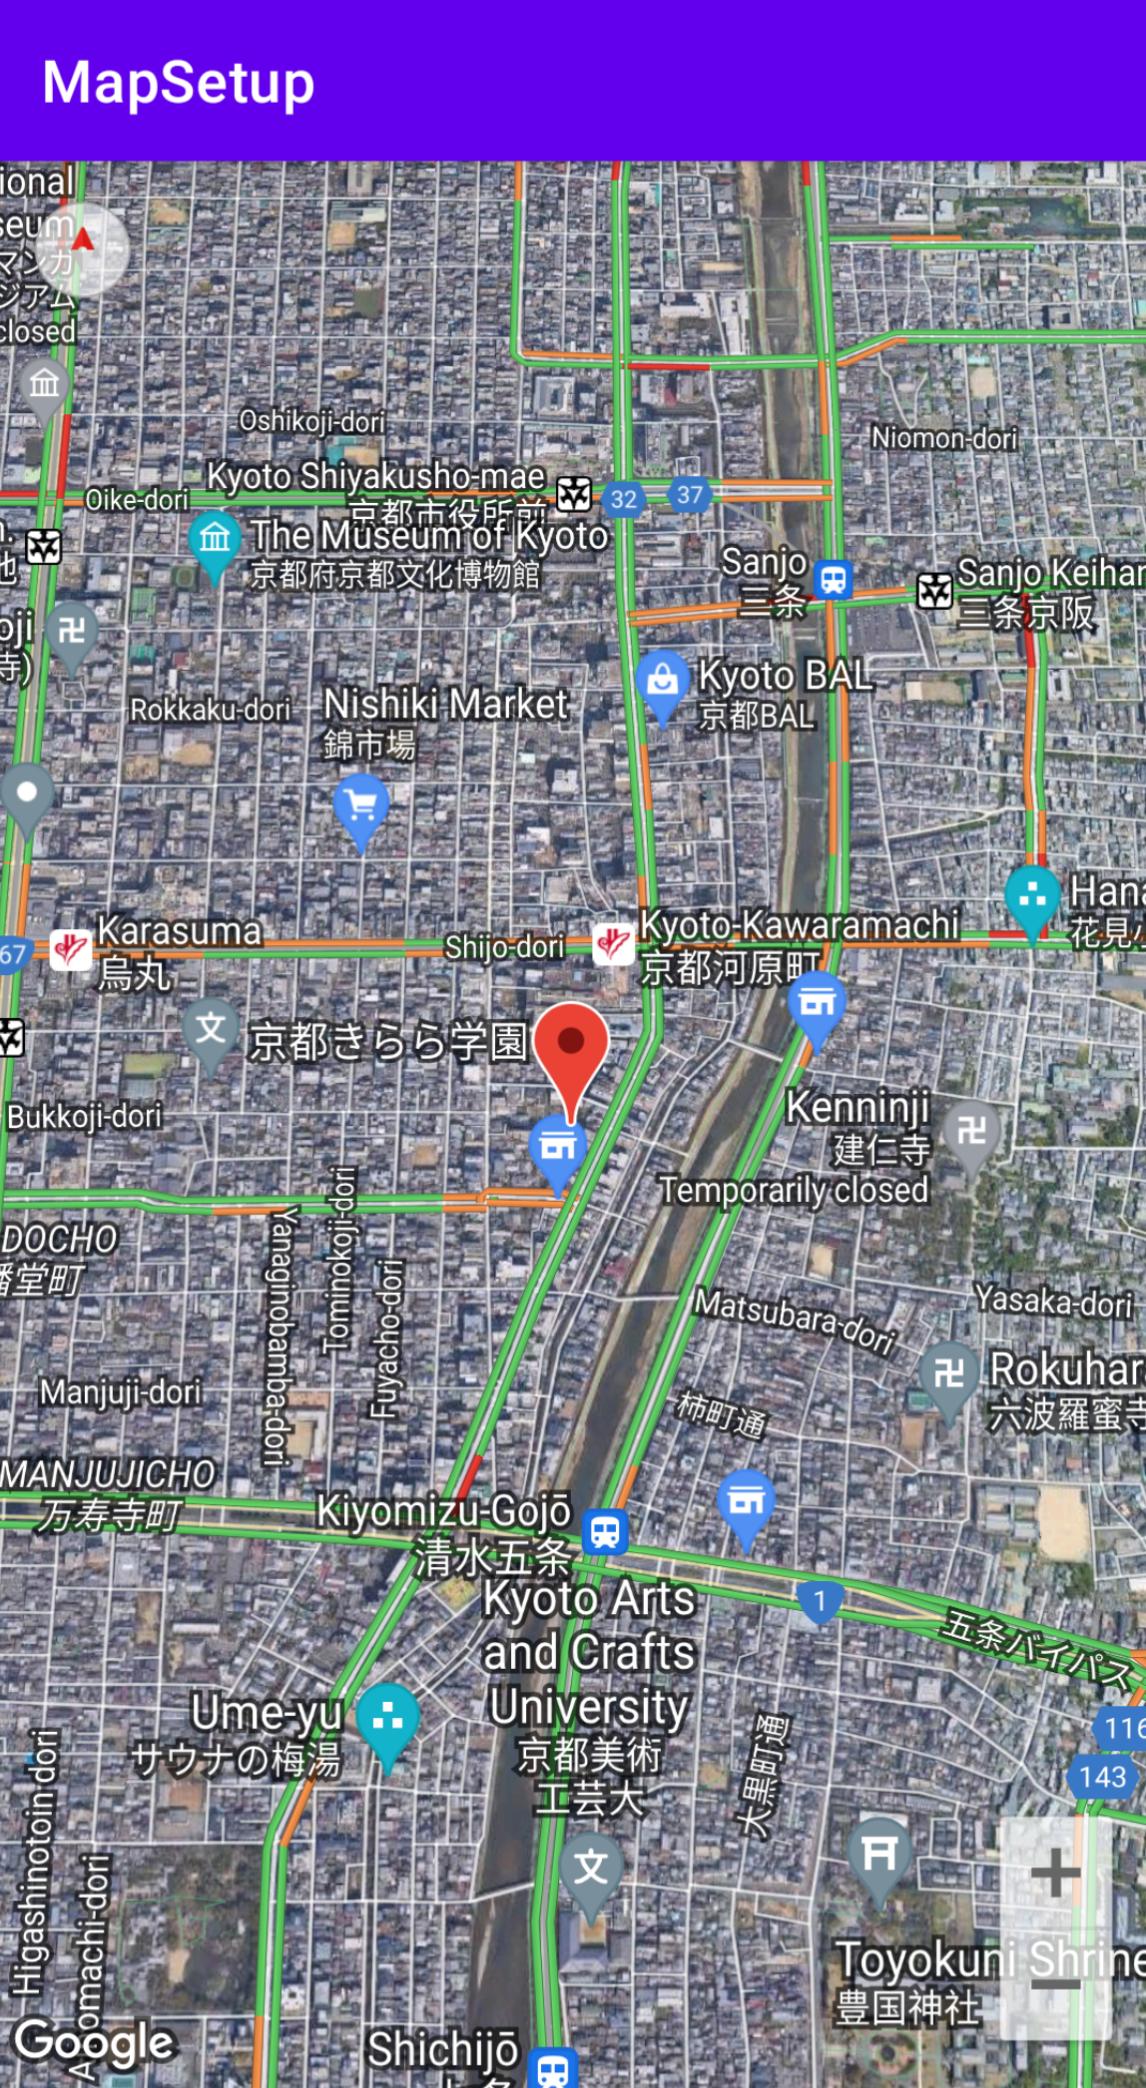 Captura de tela de um mapa de Kyoto com as configurações definidas.